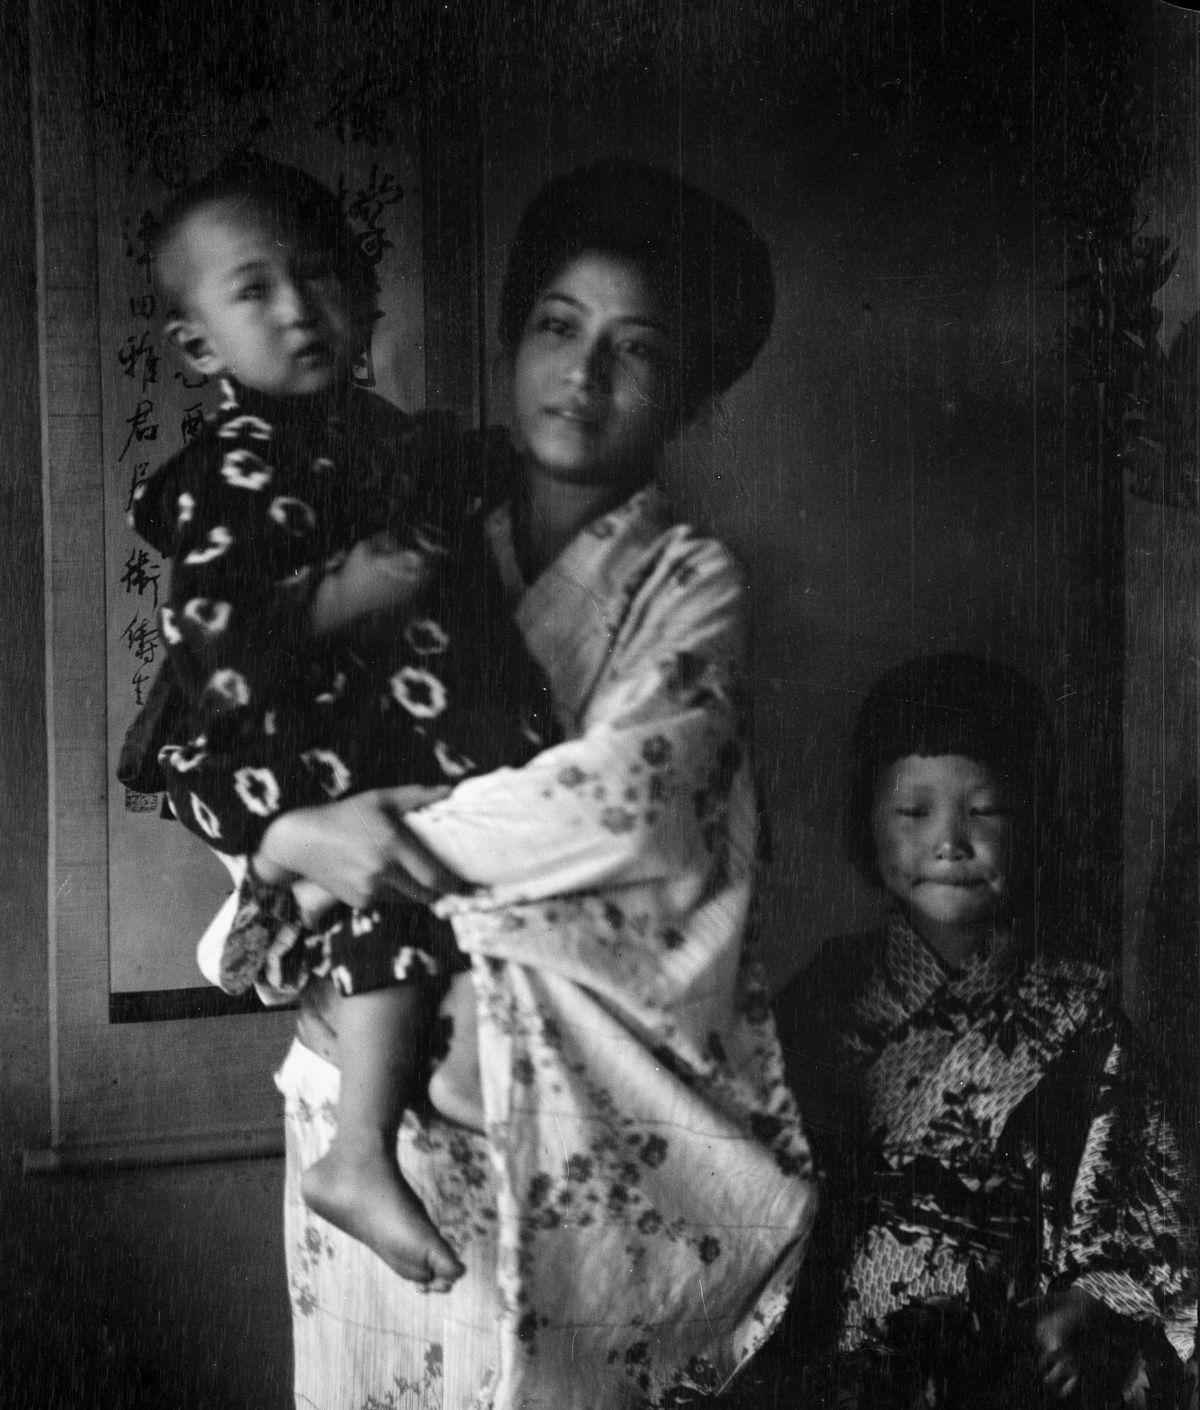 Yaponiya istoricheskie foto Arnold Dzhente 31